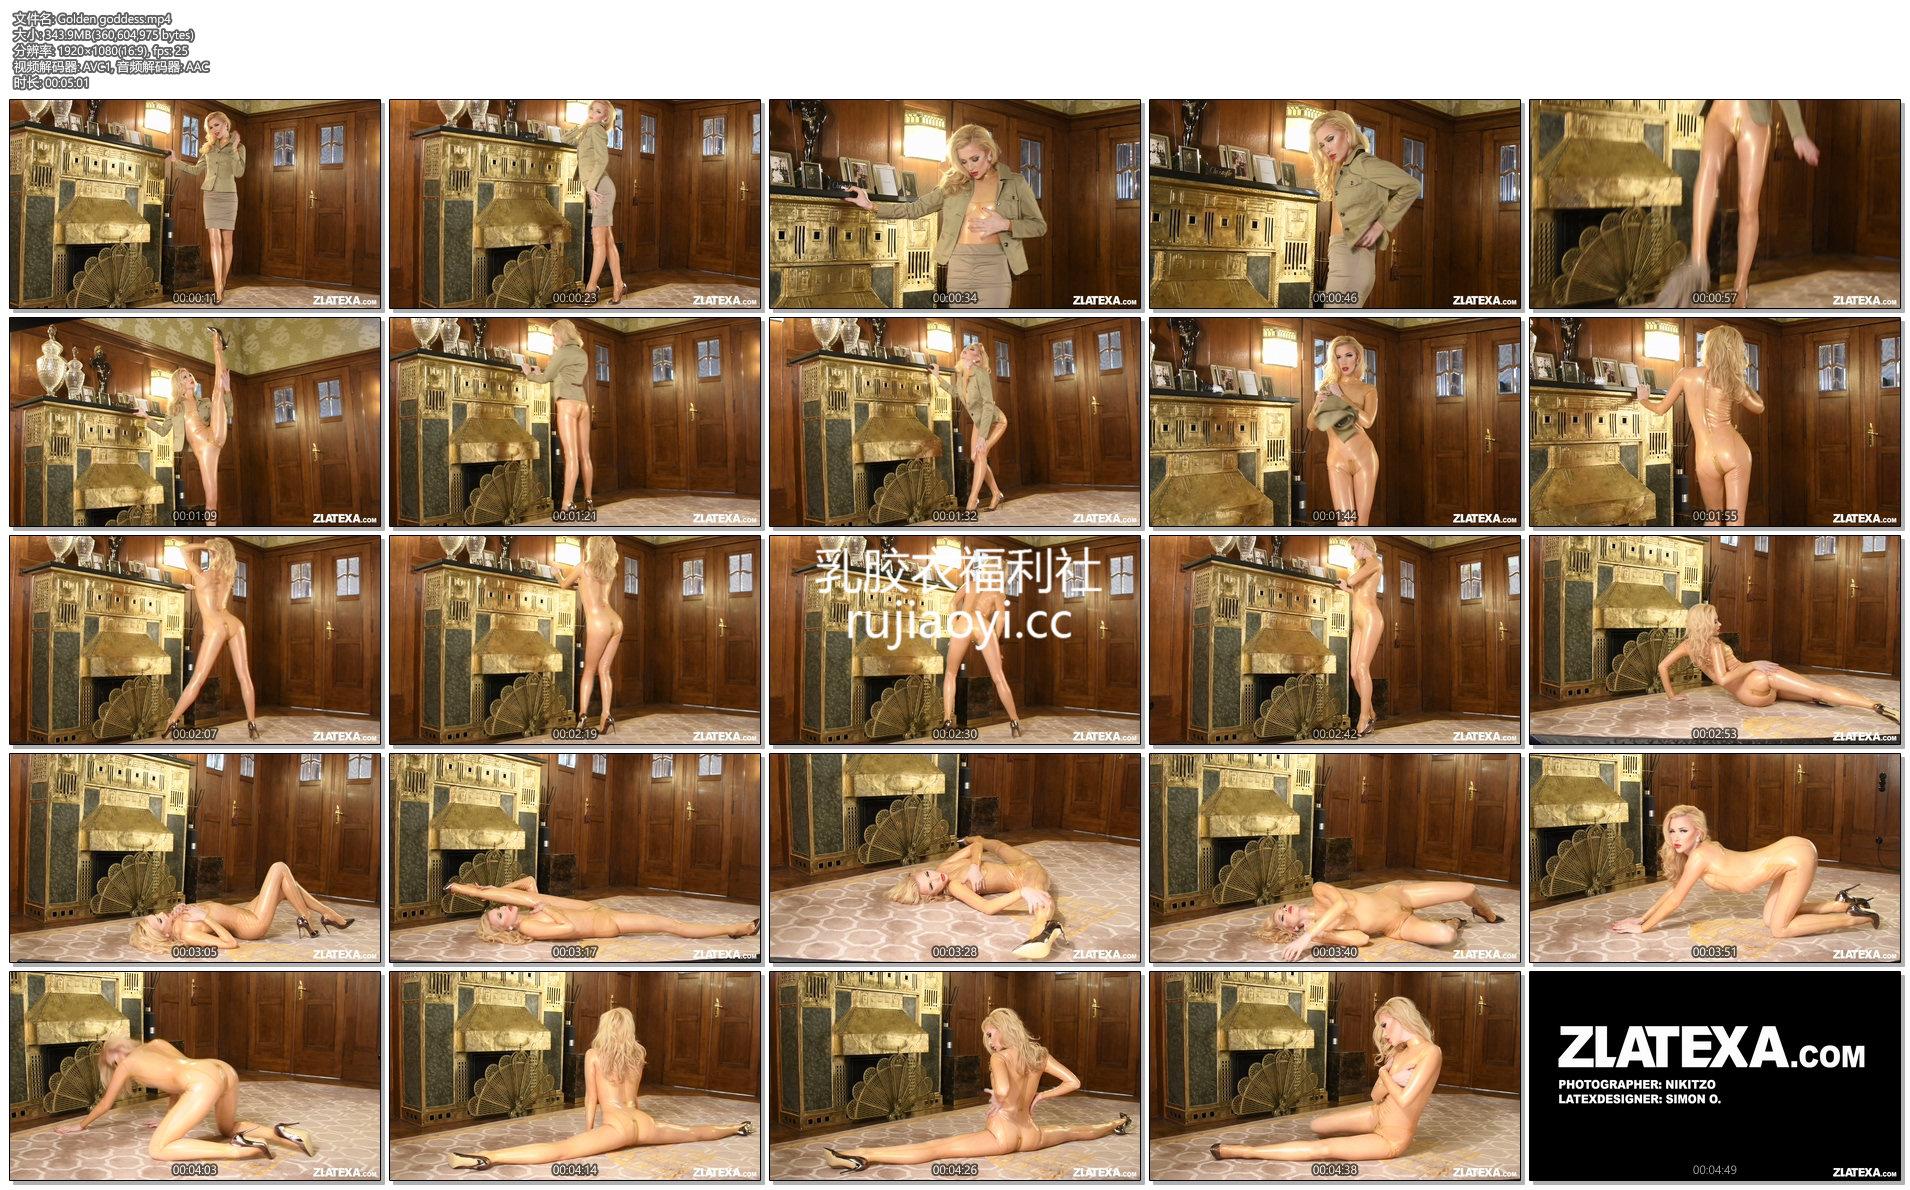 [永V专享-独家精品乳胶衣视频] 半透明肉色乳胶衣少妇让人热血-1080p高清视频 [1V/343M]